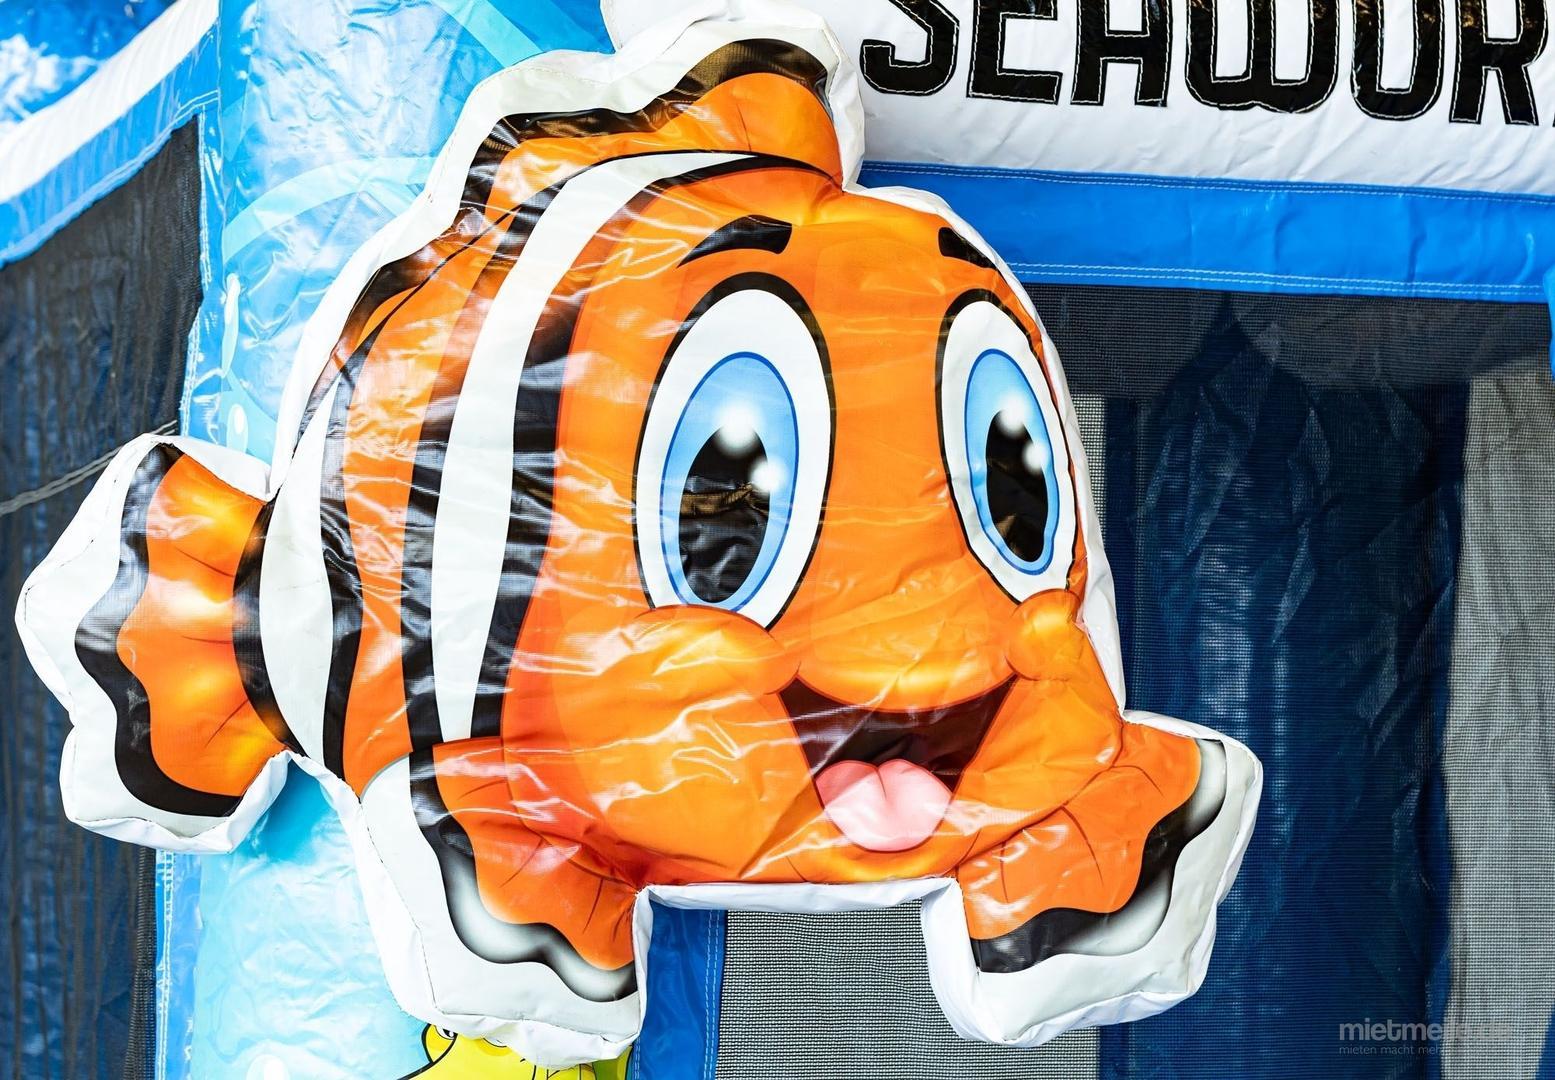 Hüpfburg mieten & vermieten - Hüpfburg Mini mit Rutsche Seaworld in Ludwigshafen am Rhein